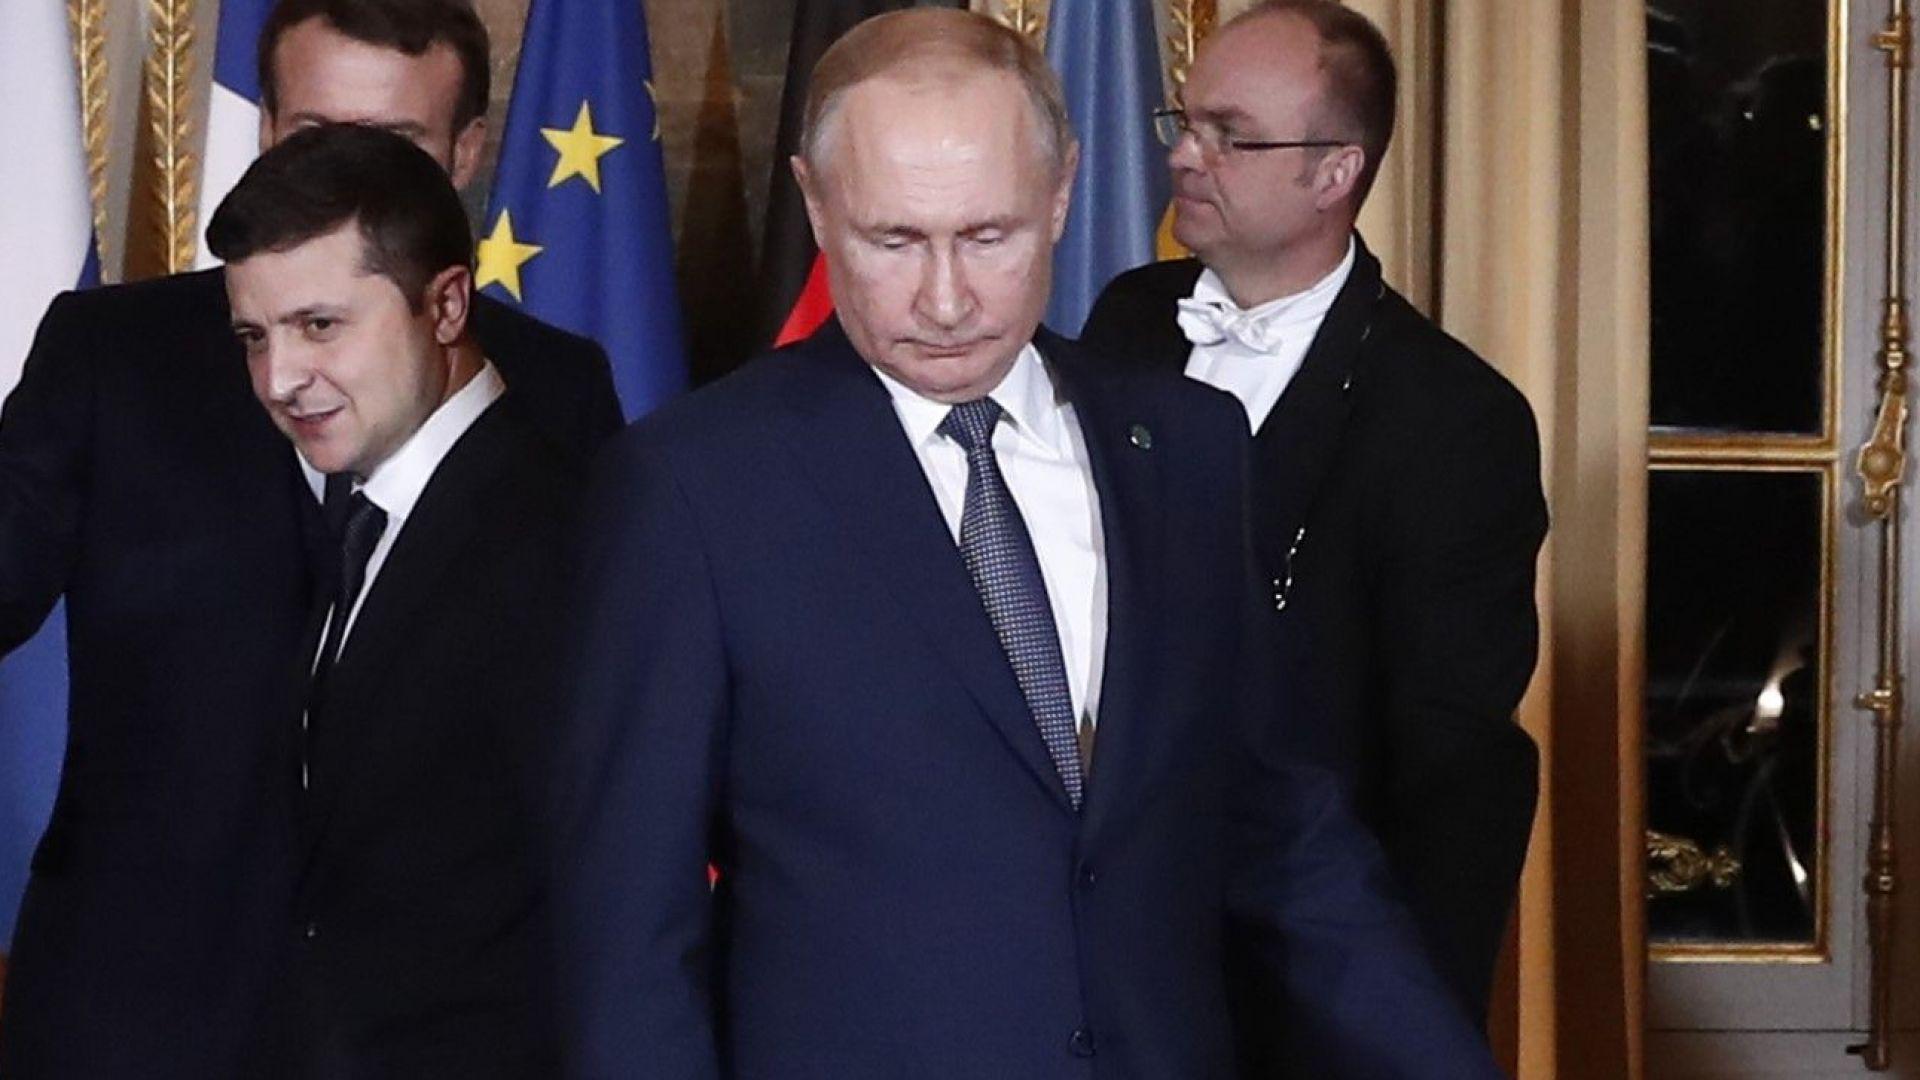 Путин към Зеленски: Да не се изопачава истината за Втората световна война